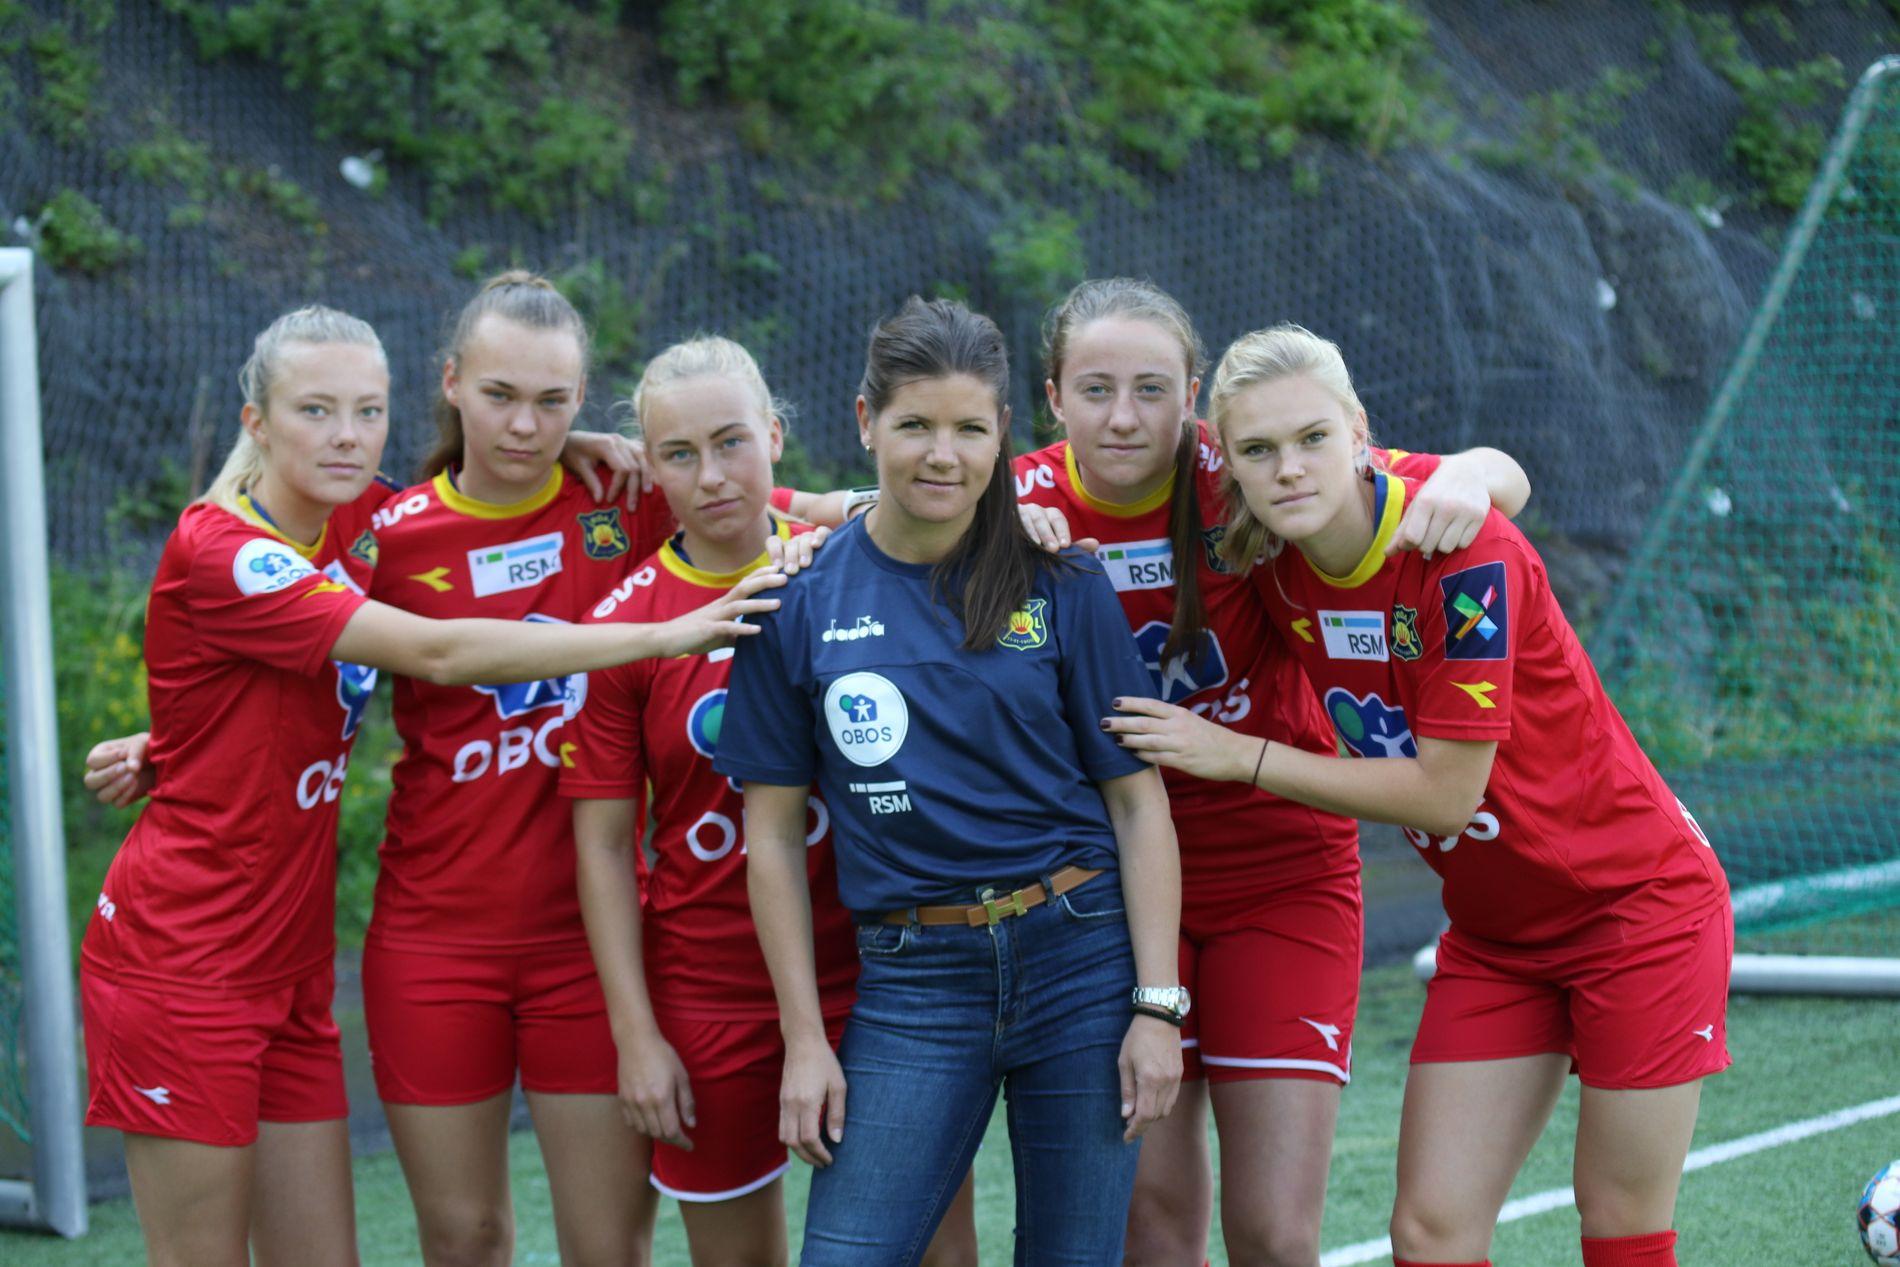 Tidligere landslagsspiller Siri Nordby, nå styremedlem i Røa, ønsker å minne om at det er kvinnene som skaffer medaljene. Her omgitt av noen av Røas elitespillere. F.v. Synne Kinden Jensen, Synne Masdal, Vilde Gullhaug Birkeli, Ragne Hagen Svastuen og Kristine Bjørdal Leine.